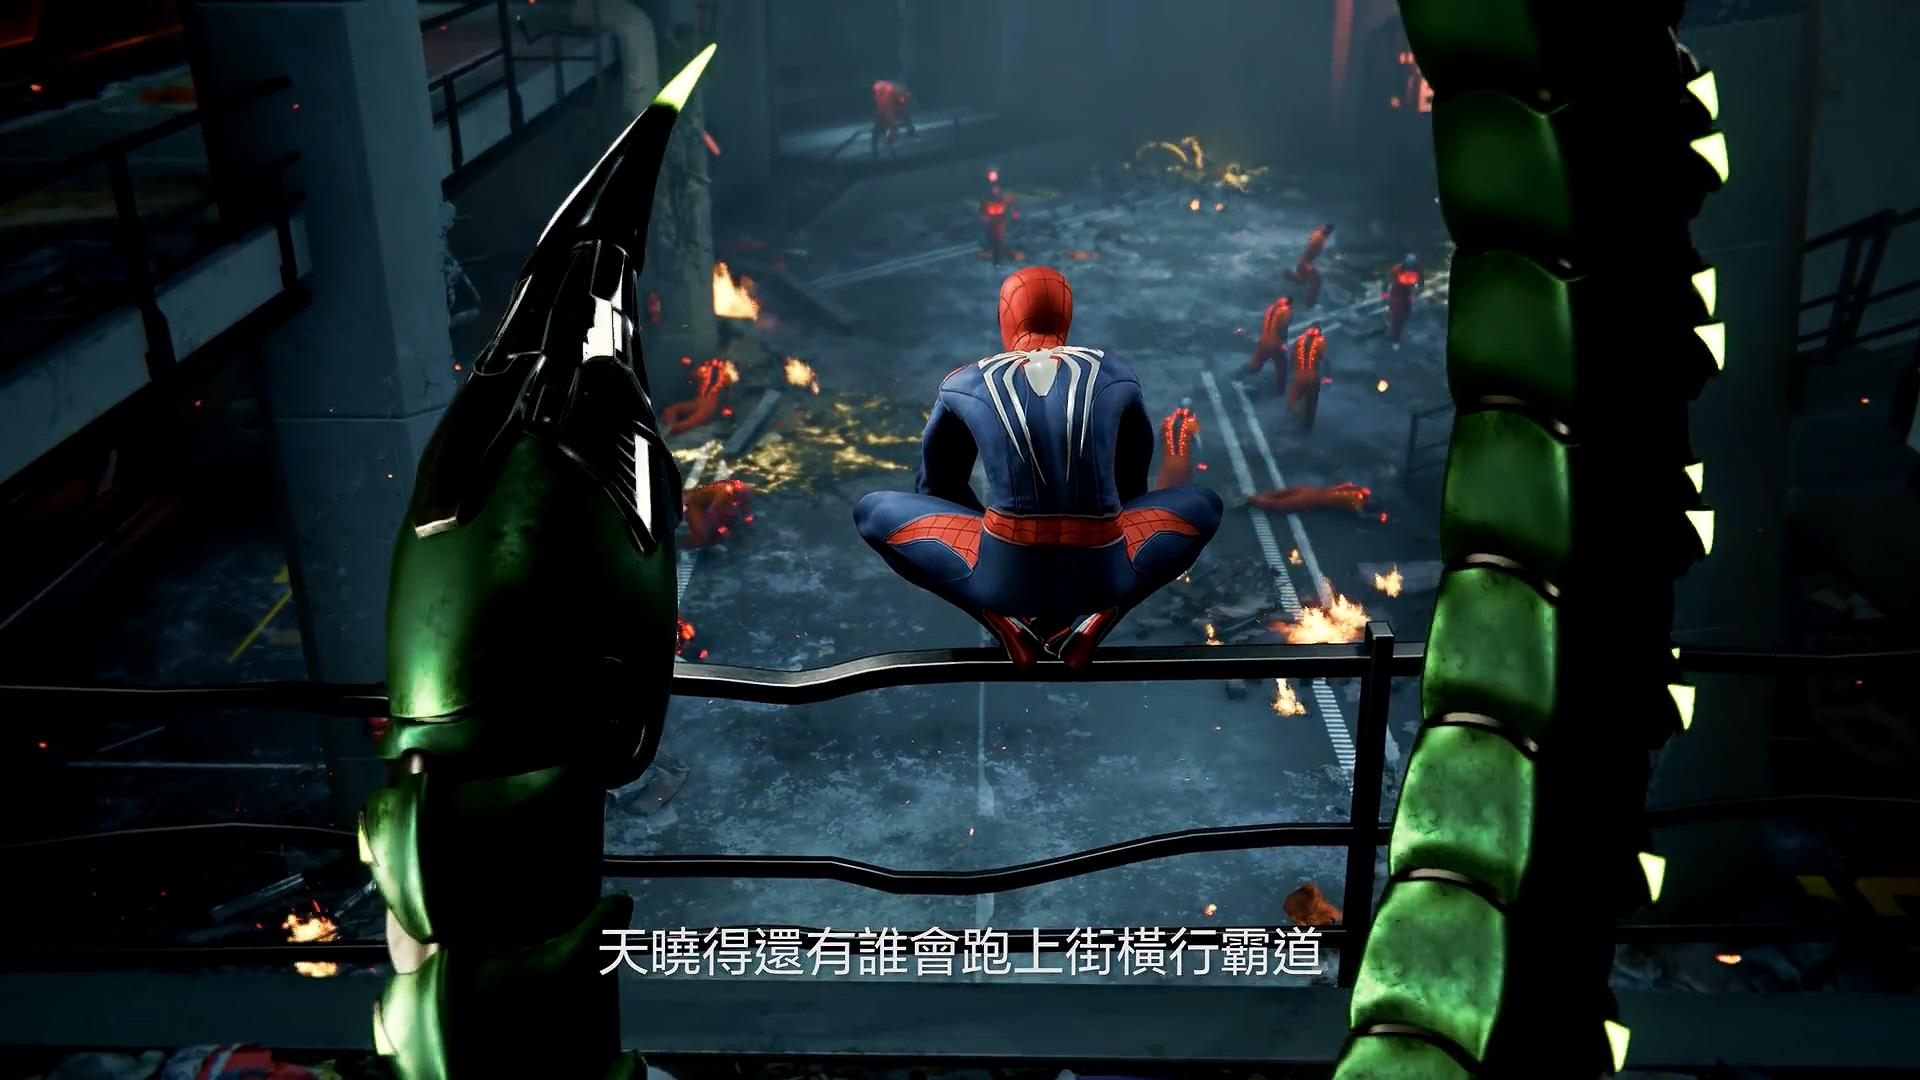 PS4《蜘蛛侠》中文预告 电台主持人大骂蜘蛛侠变装怪胎